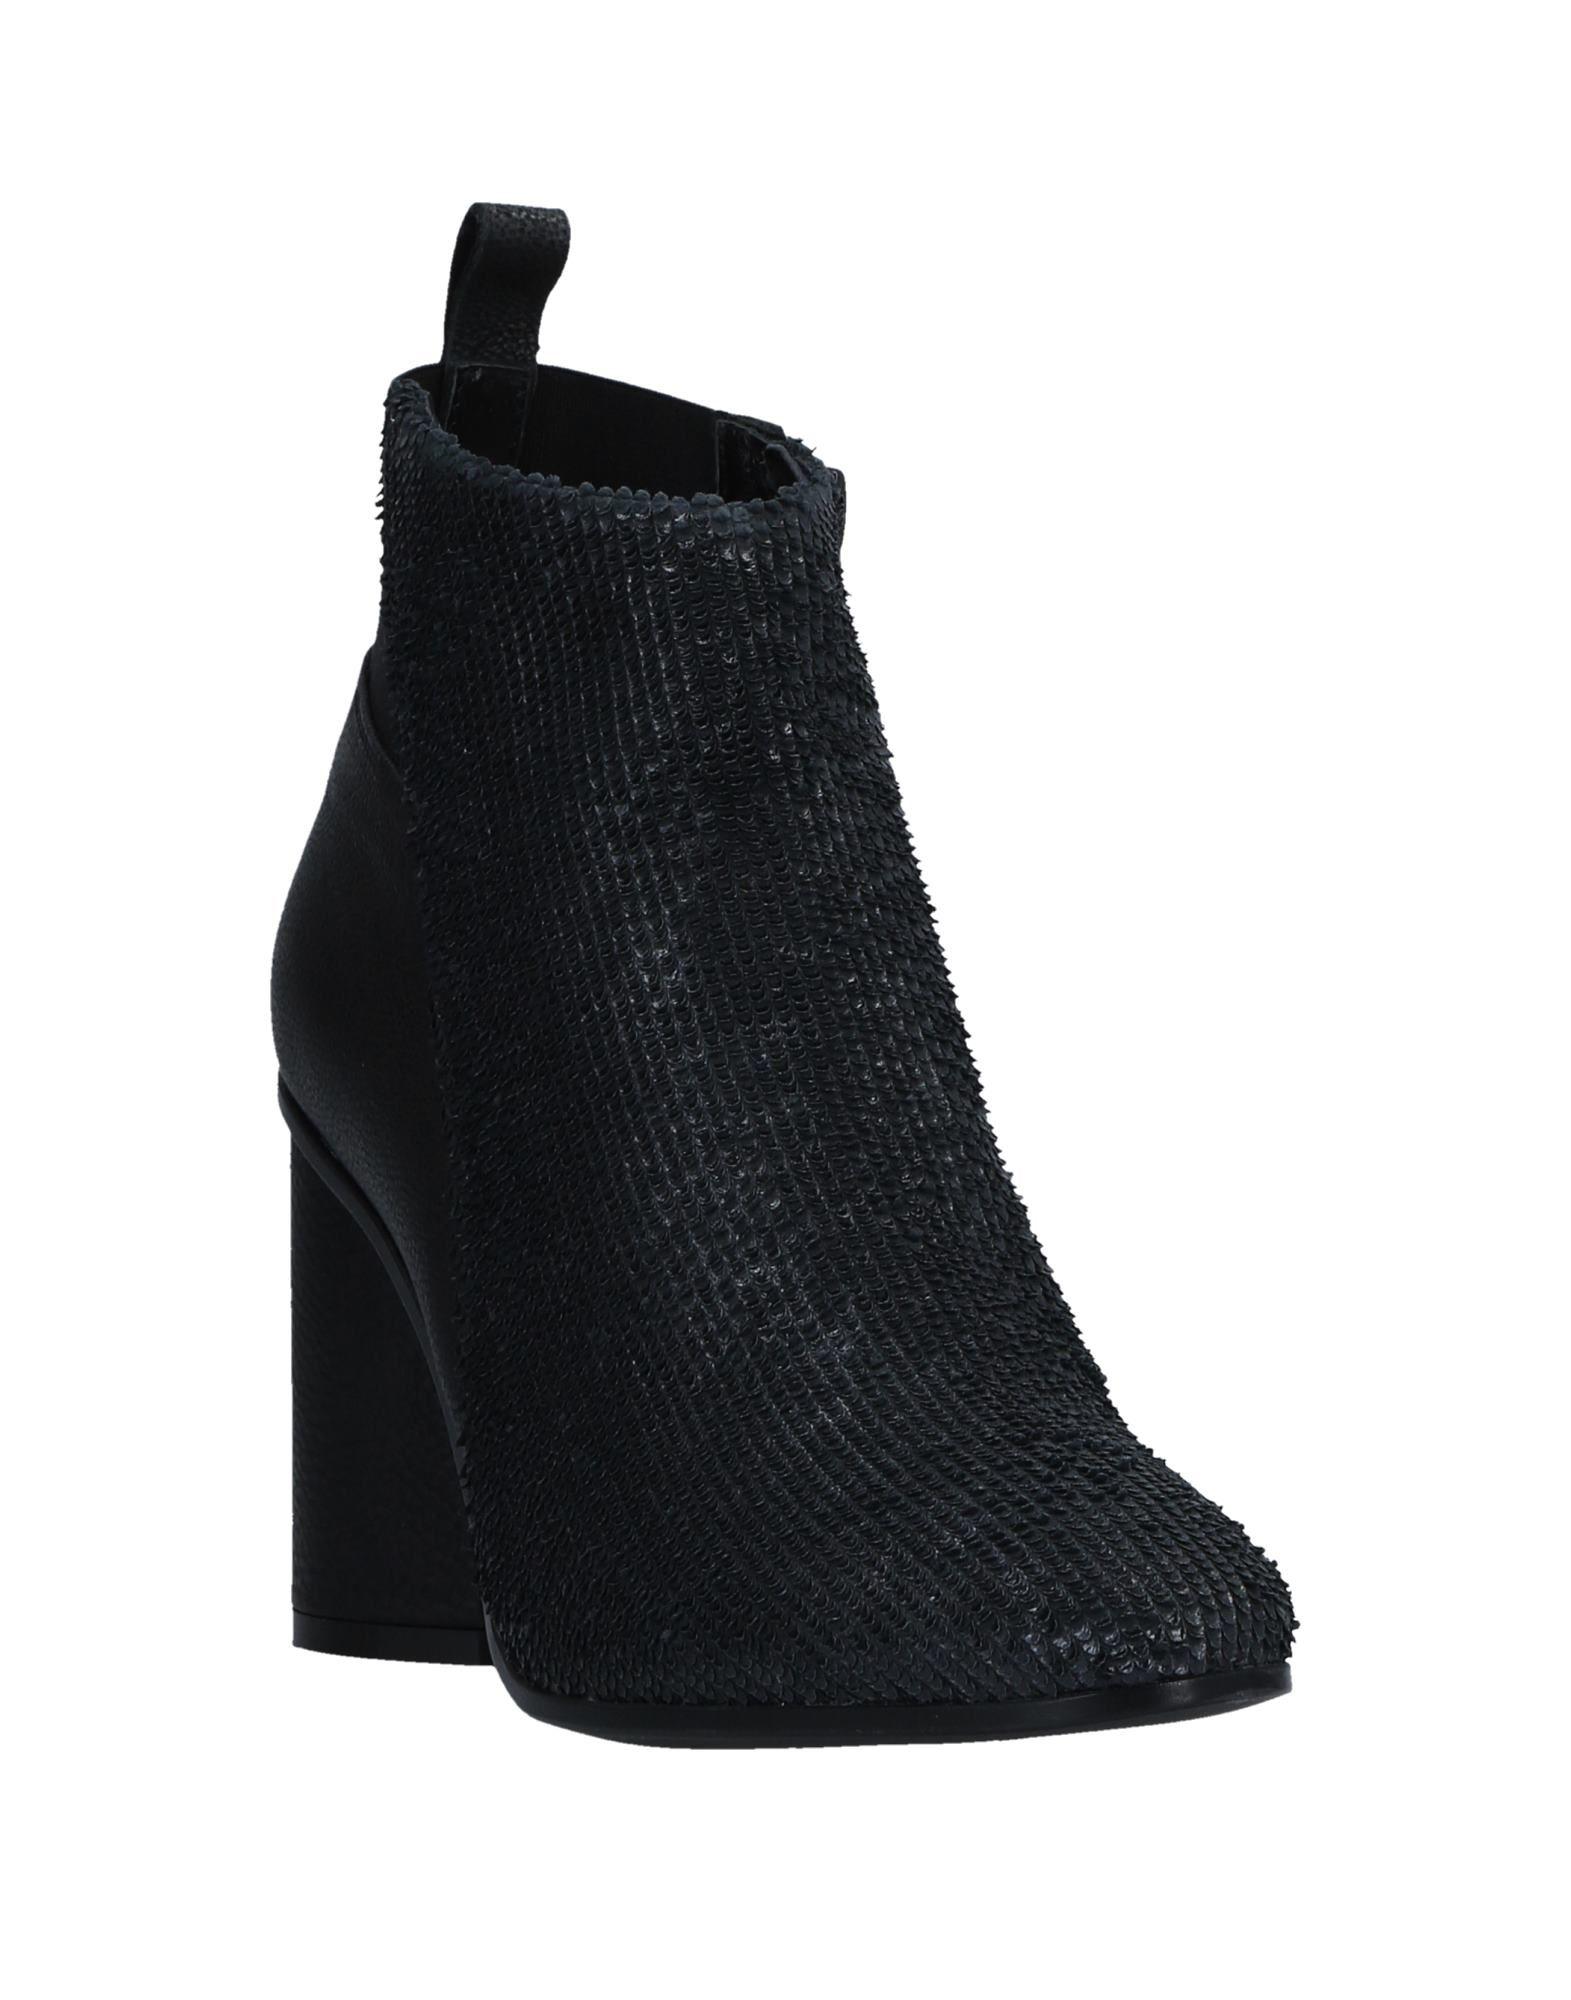 Fiorifrancesi Chelsea Boots lohnt Damen Gutes Preis-Leistungs-Verhältnis, es lohnt Boots sich,Sonderangebot-3223 ed58dc